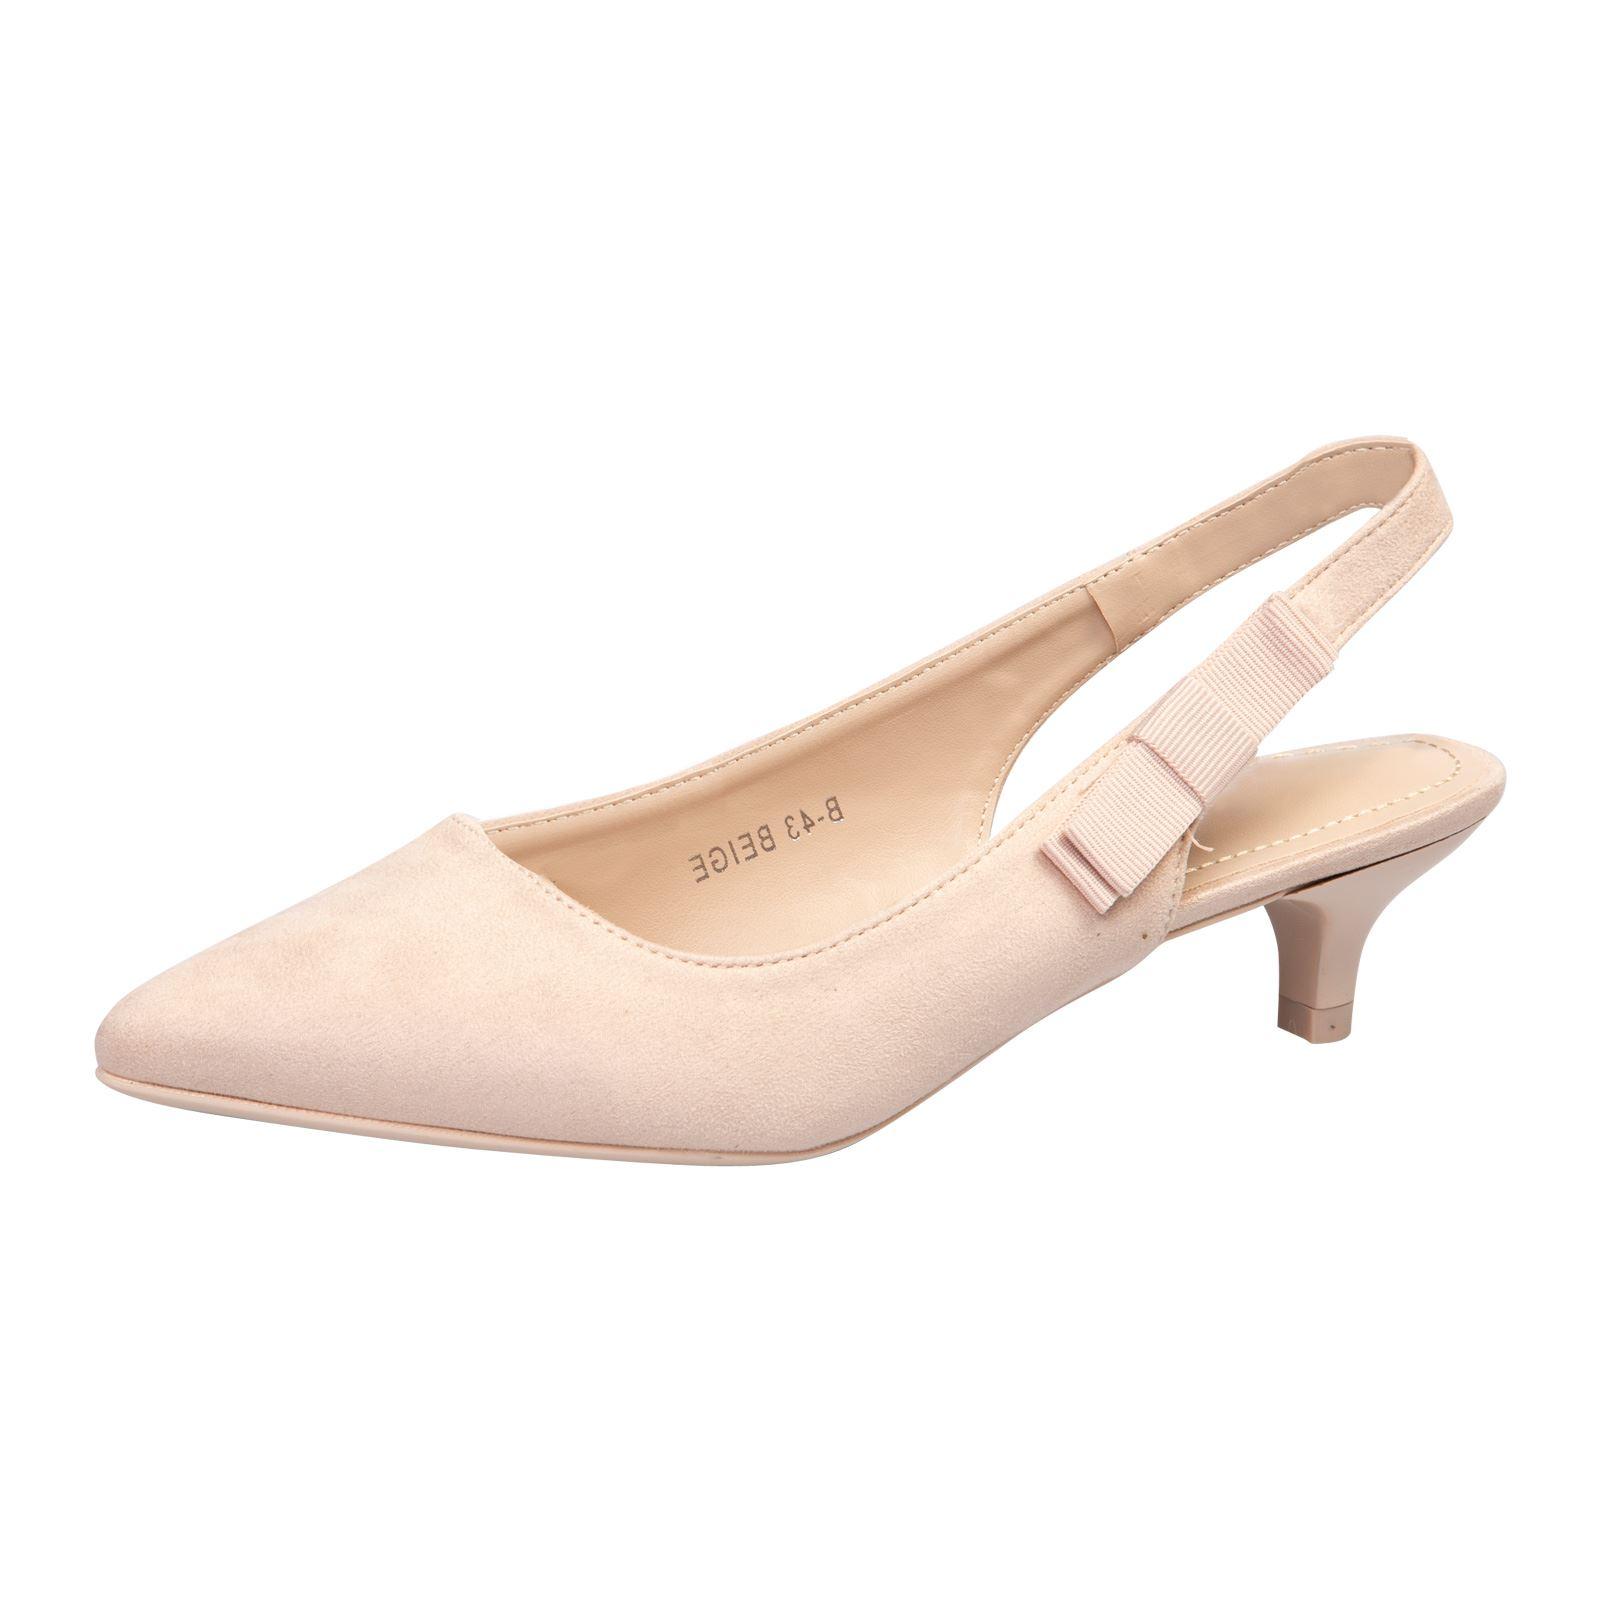 bd923454629bf4 Femme Chaussures Femmes Escarpins Bout Pointu Petit Talon Bride ...